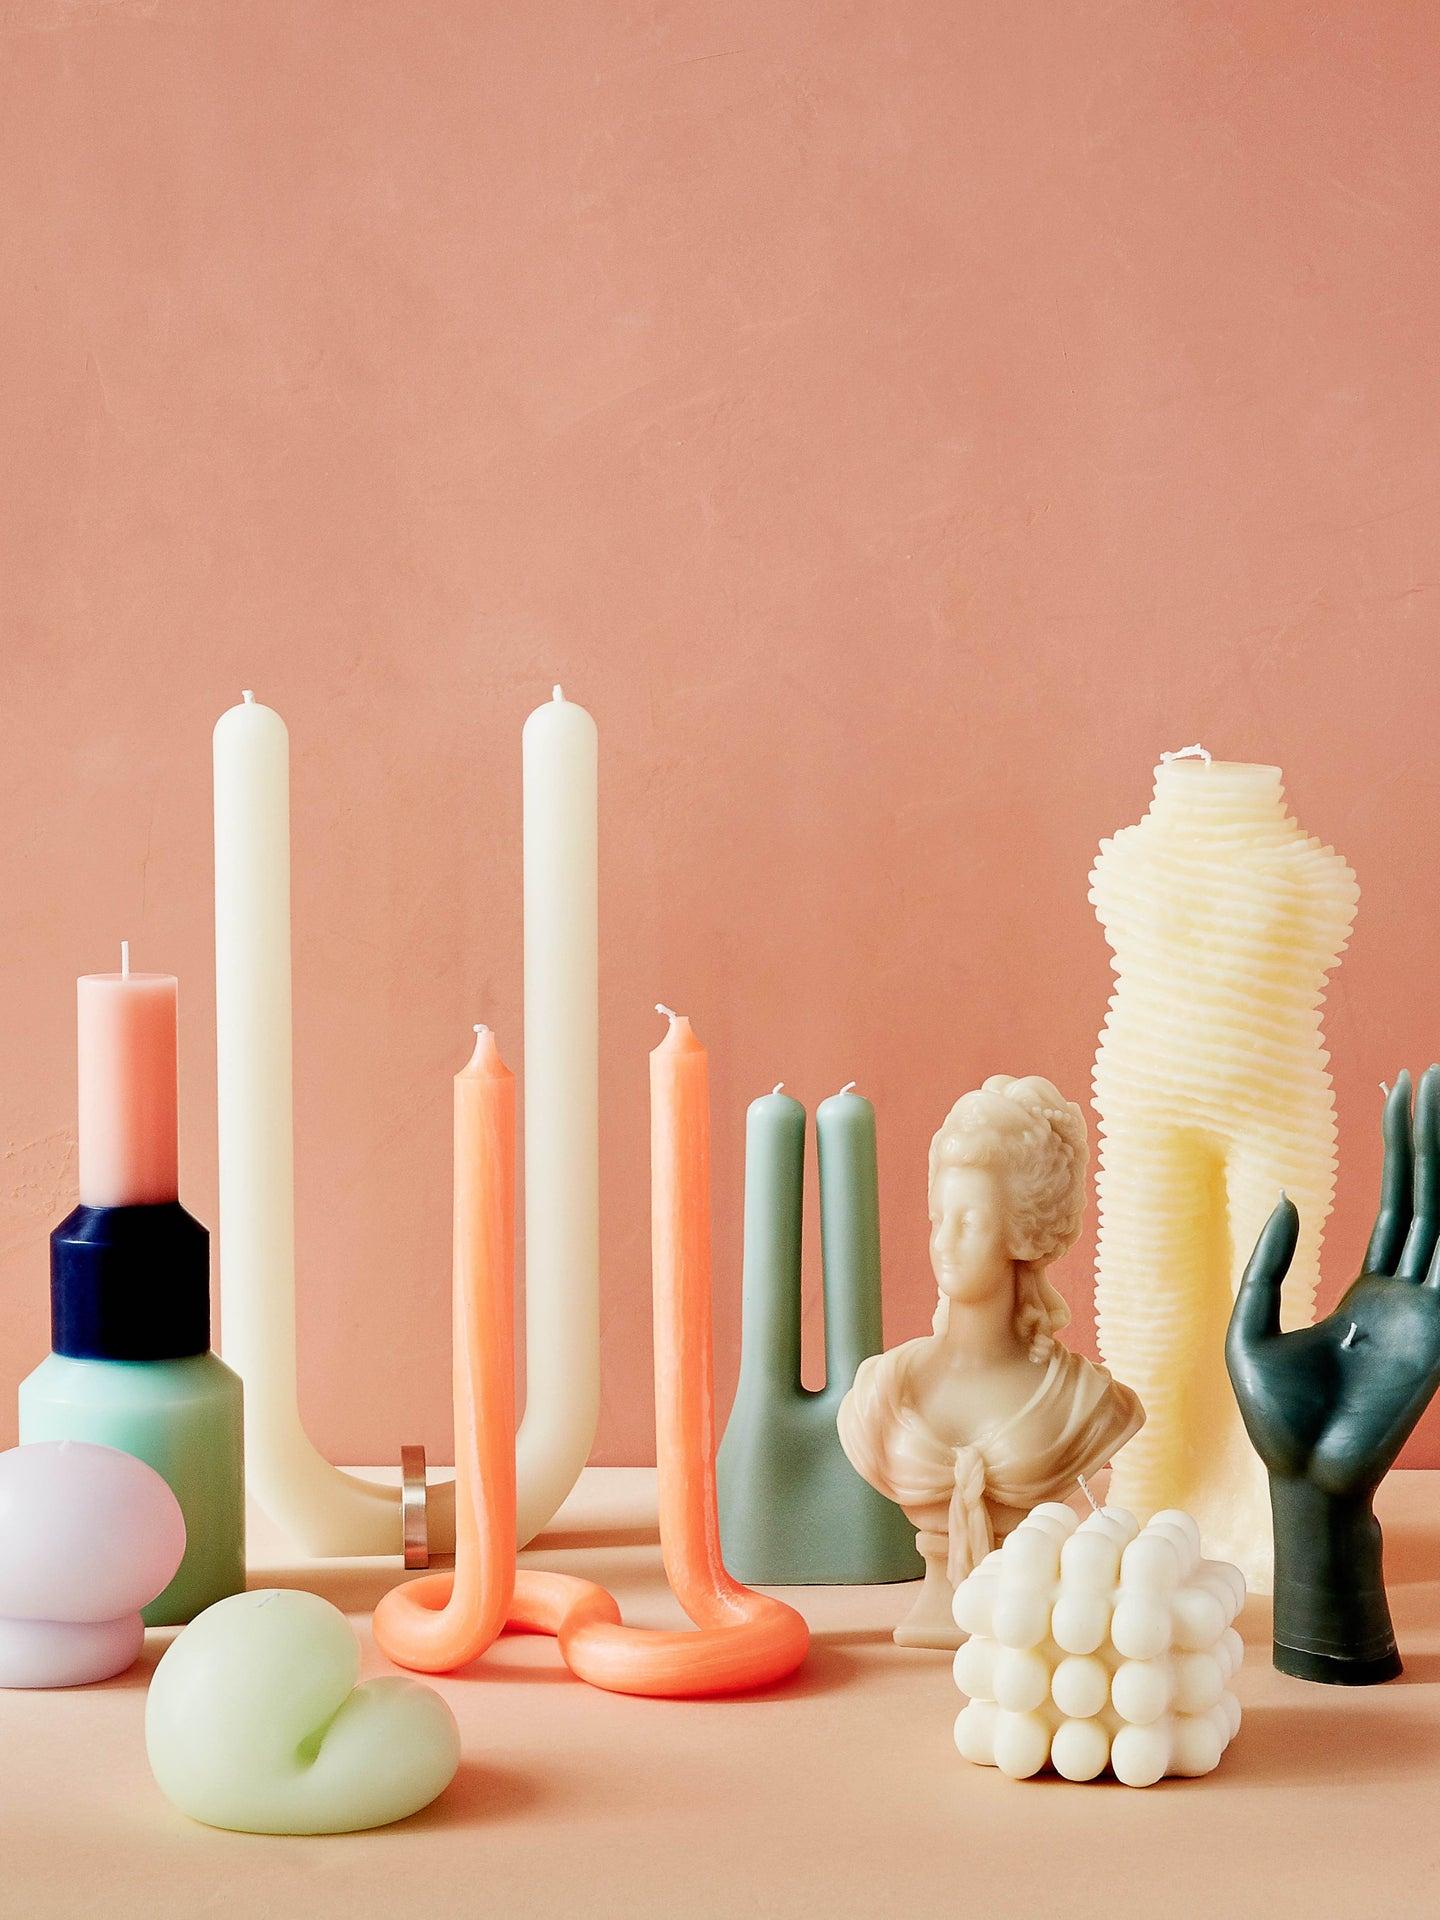 arrangement of uniquely shaped candles